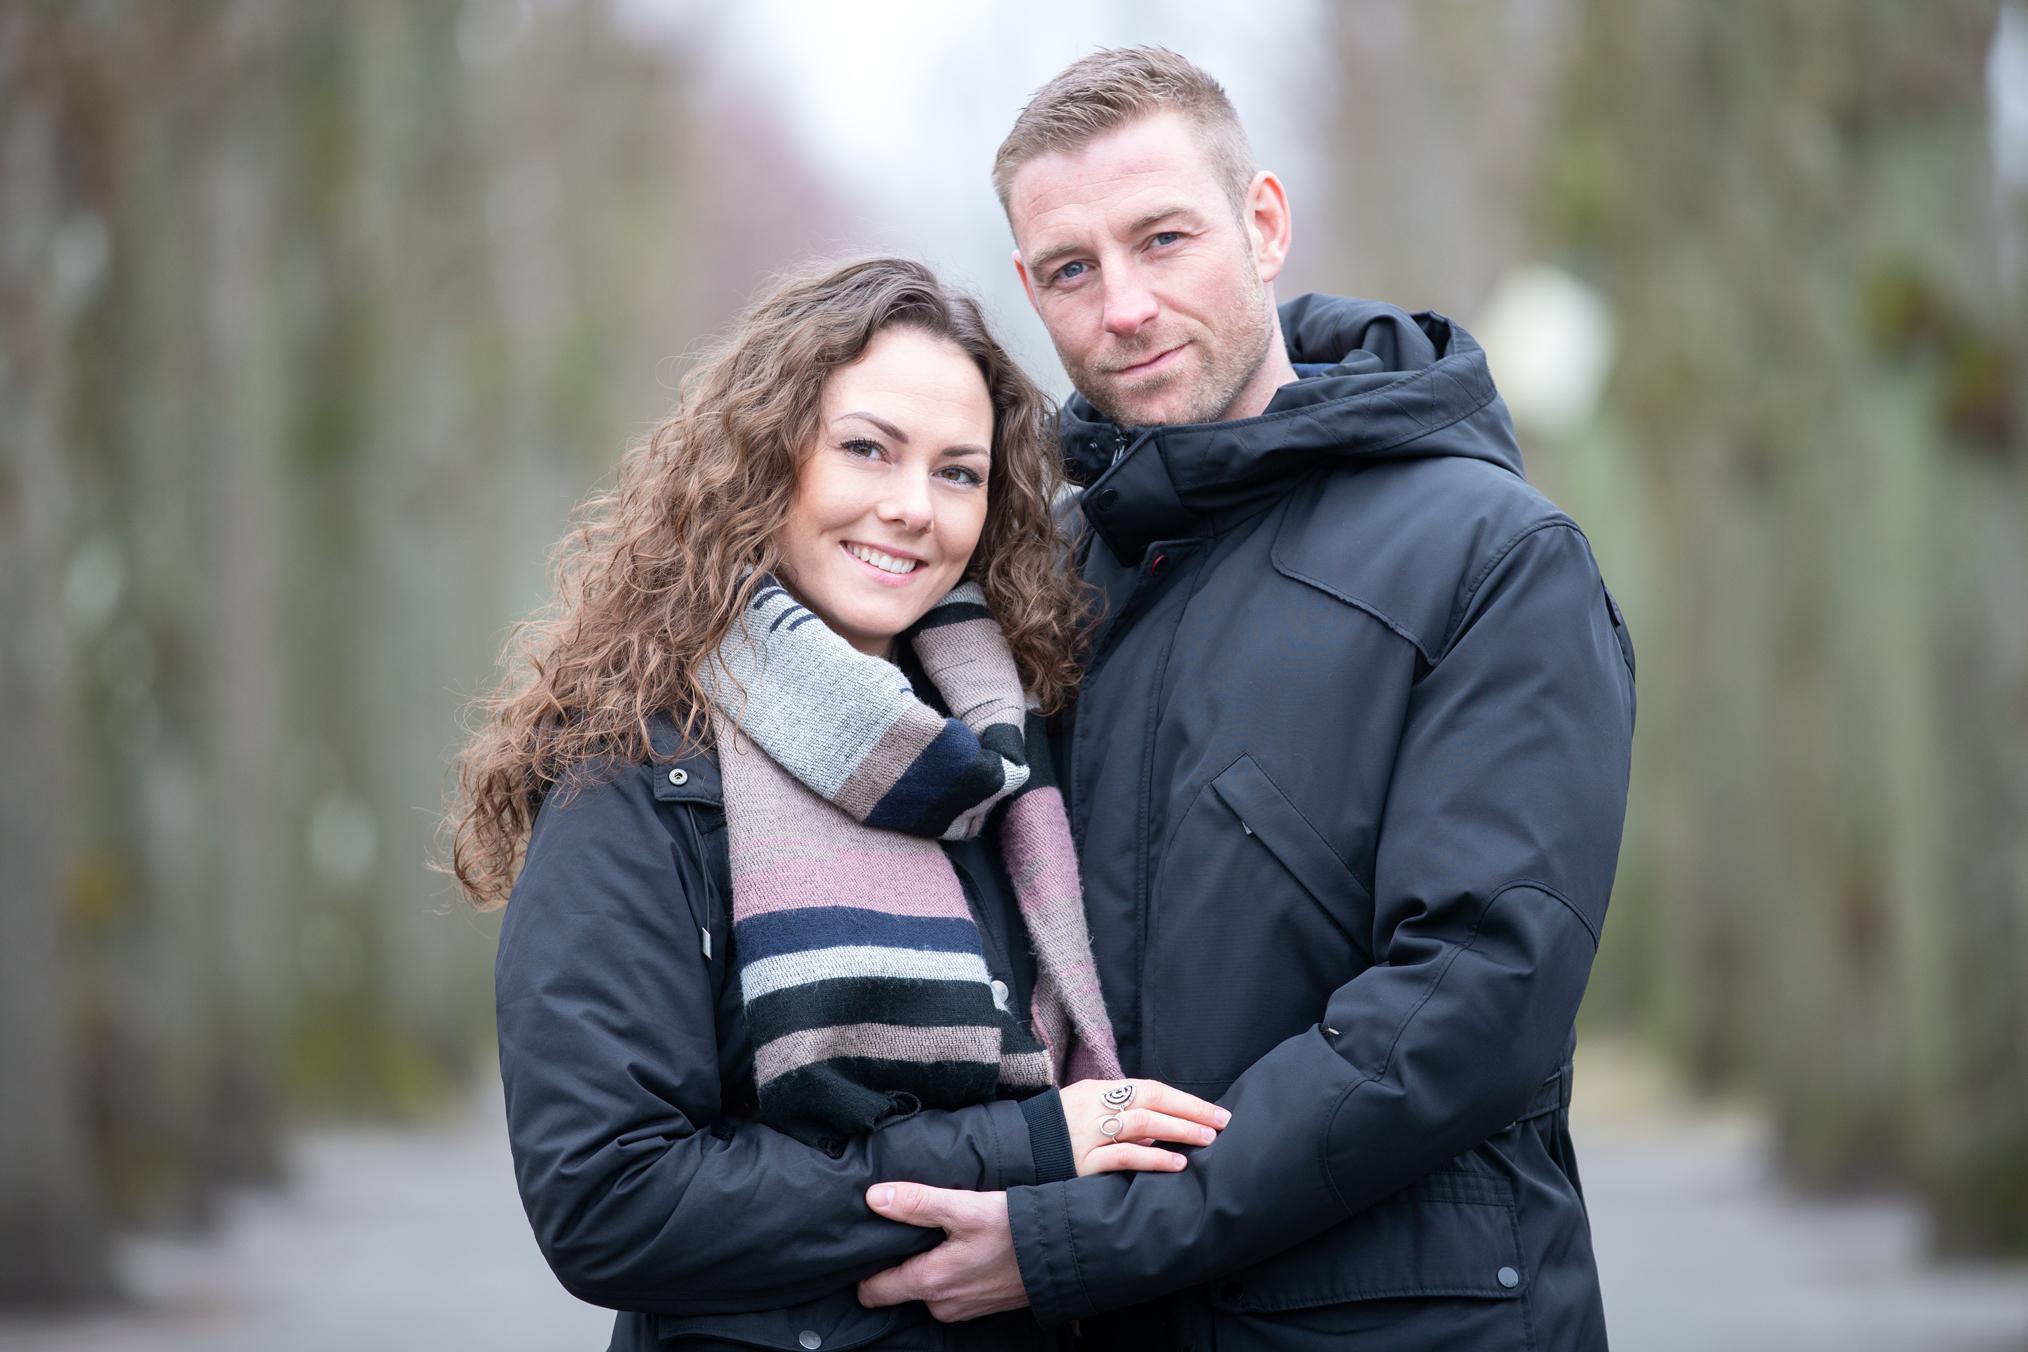 fordelene ved dating en fotograf rusrek dating